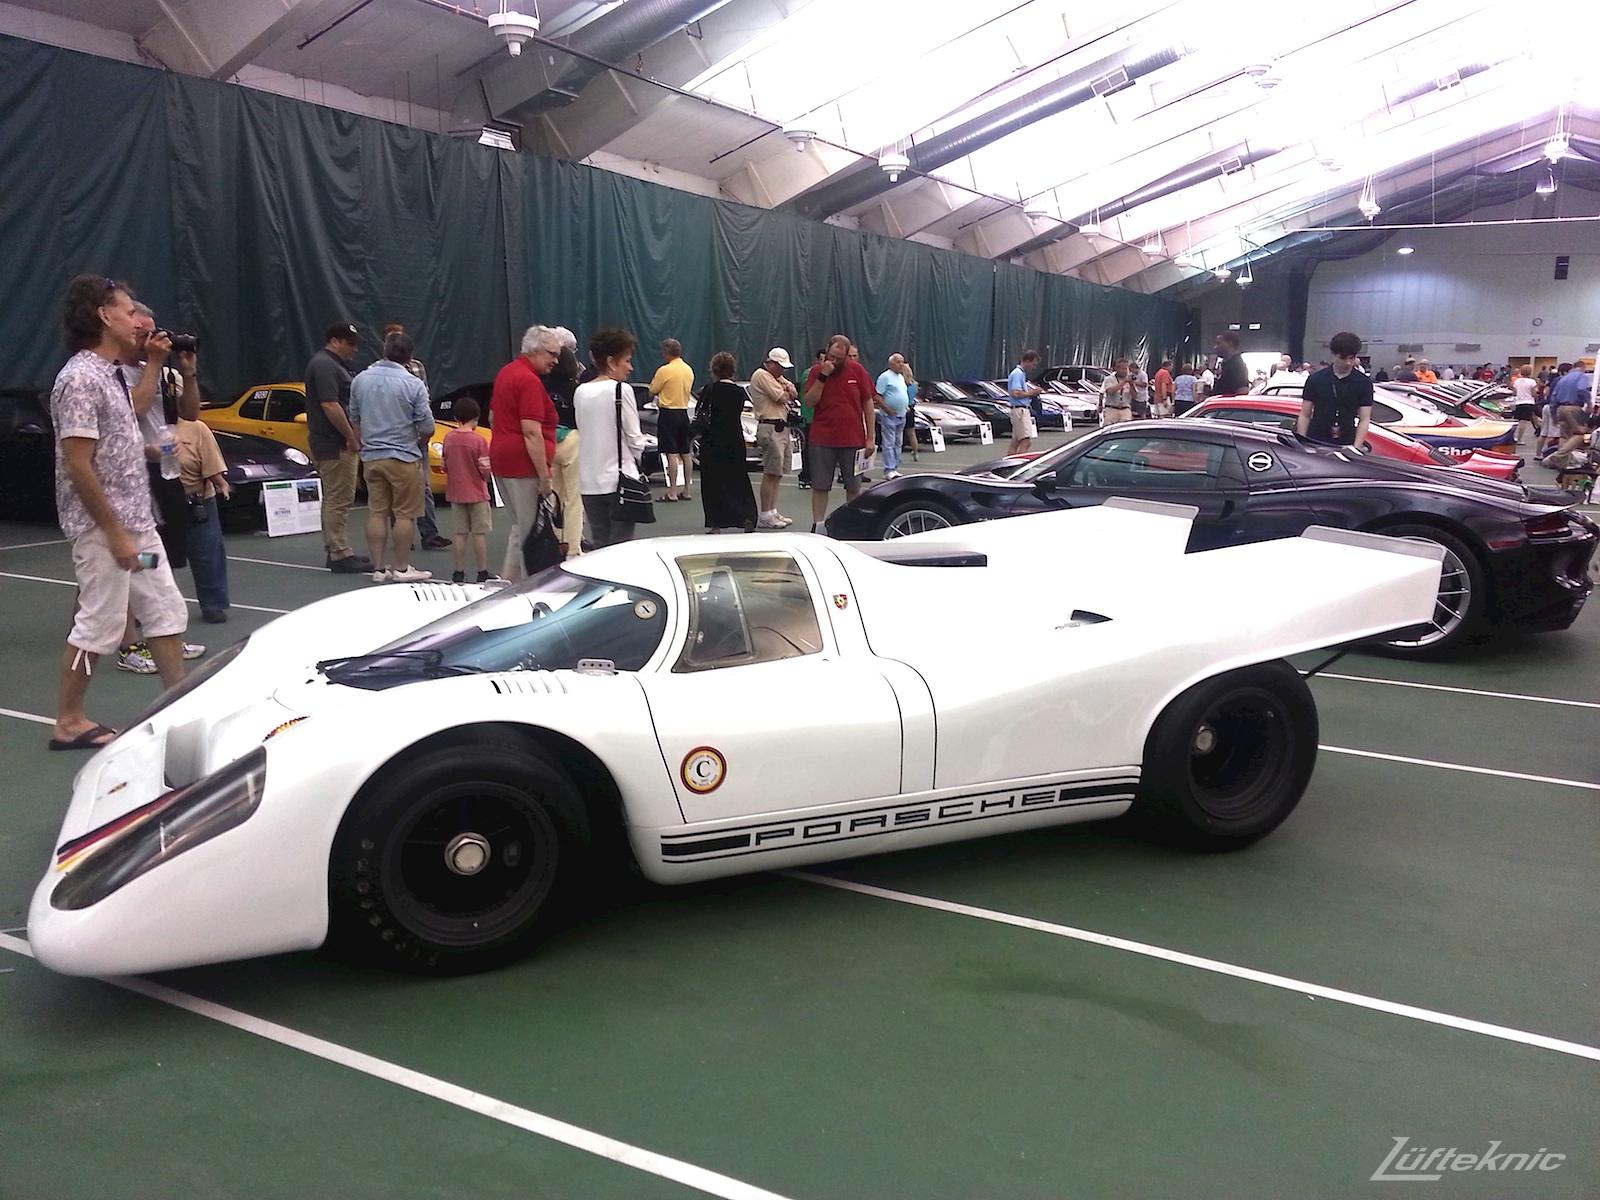 White Porsche 917K